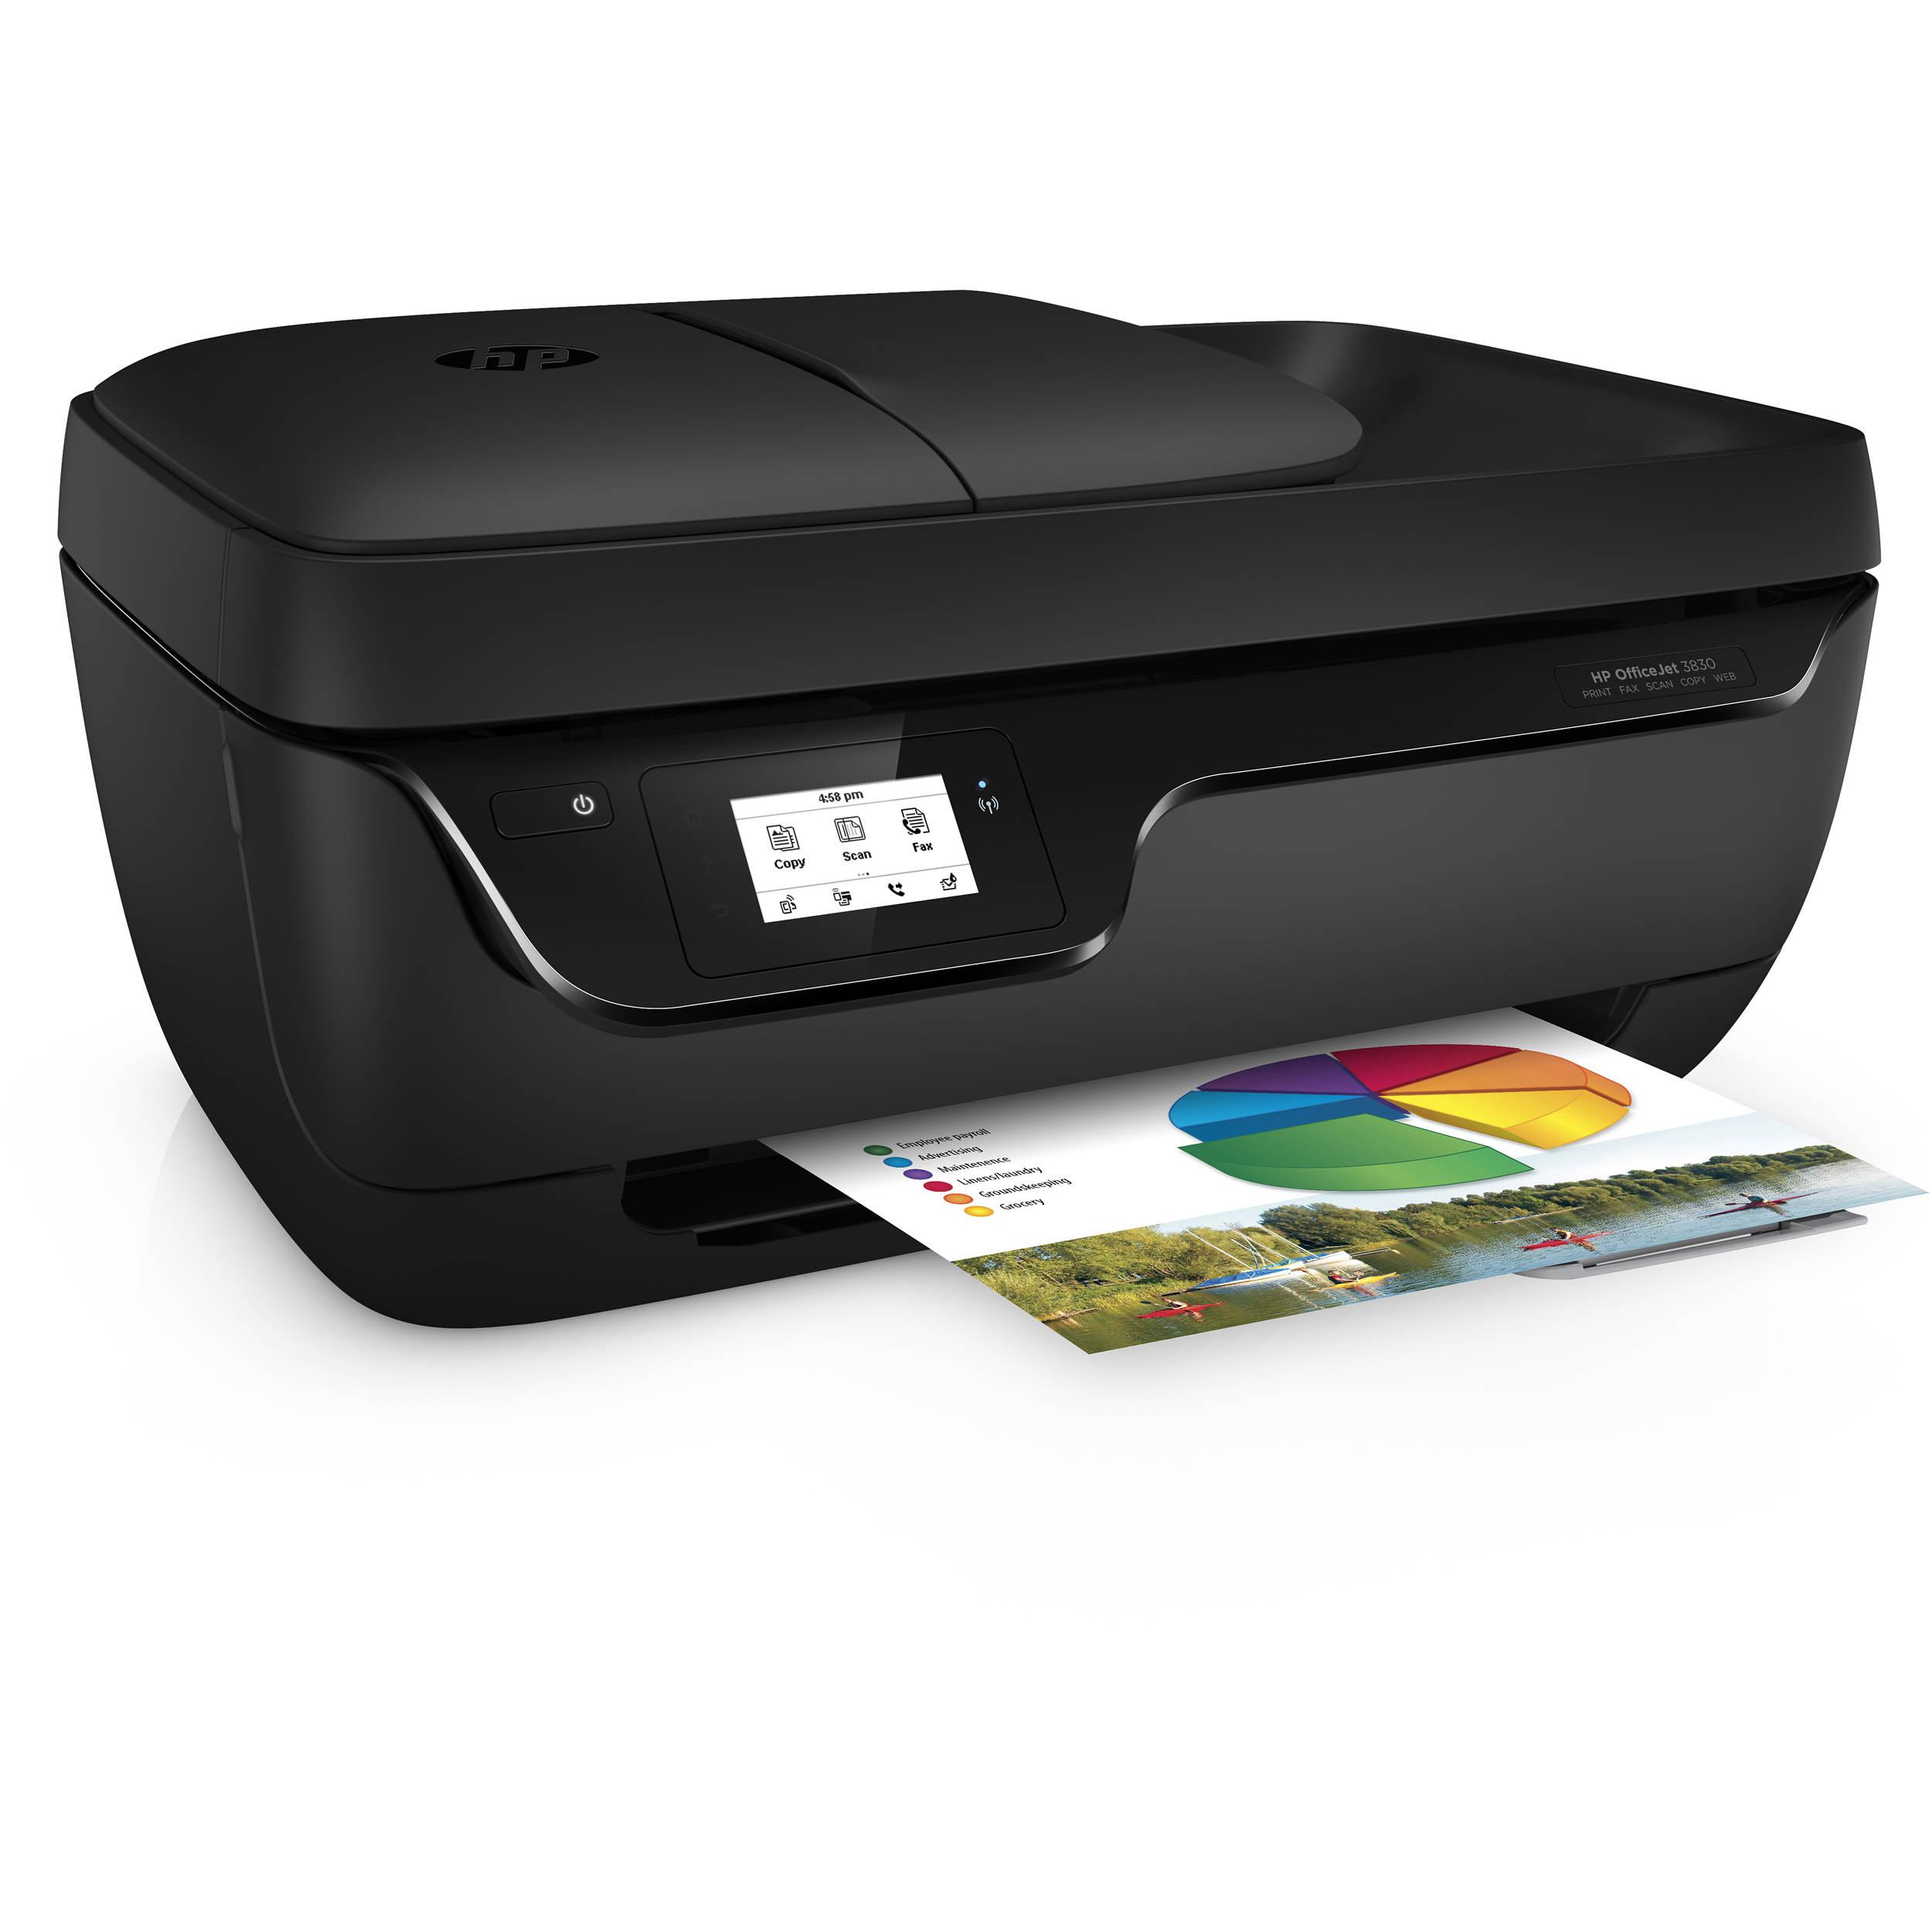 מגניב HP OfficeJet 3830 All-in-One Printer K7V40A#B1H B&H Photo Video UK-52